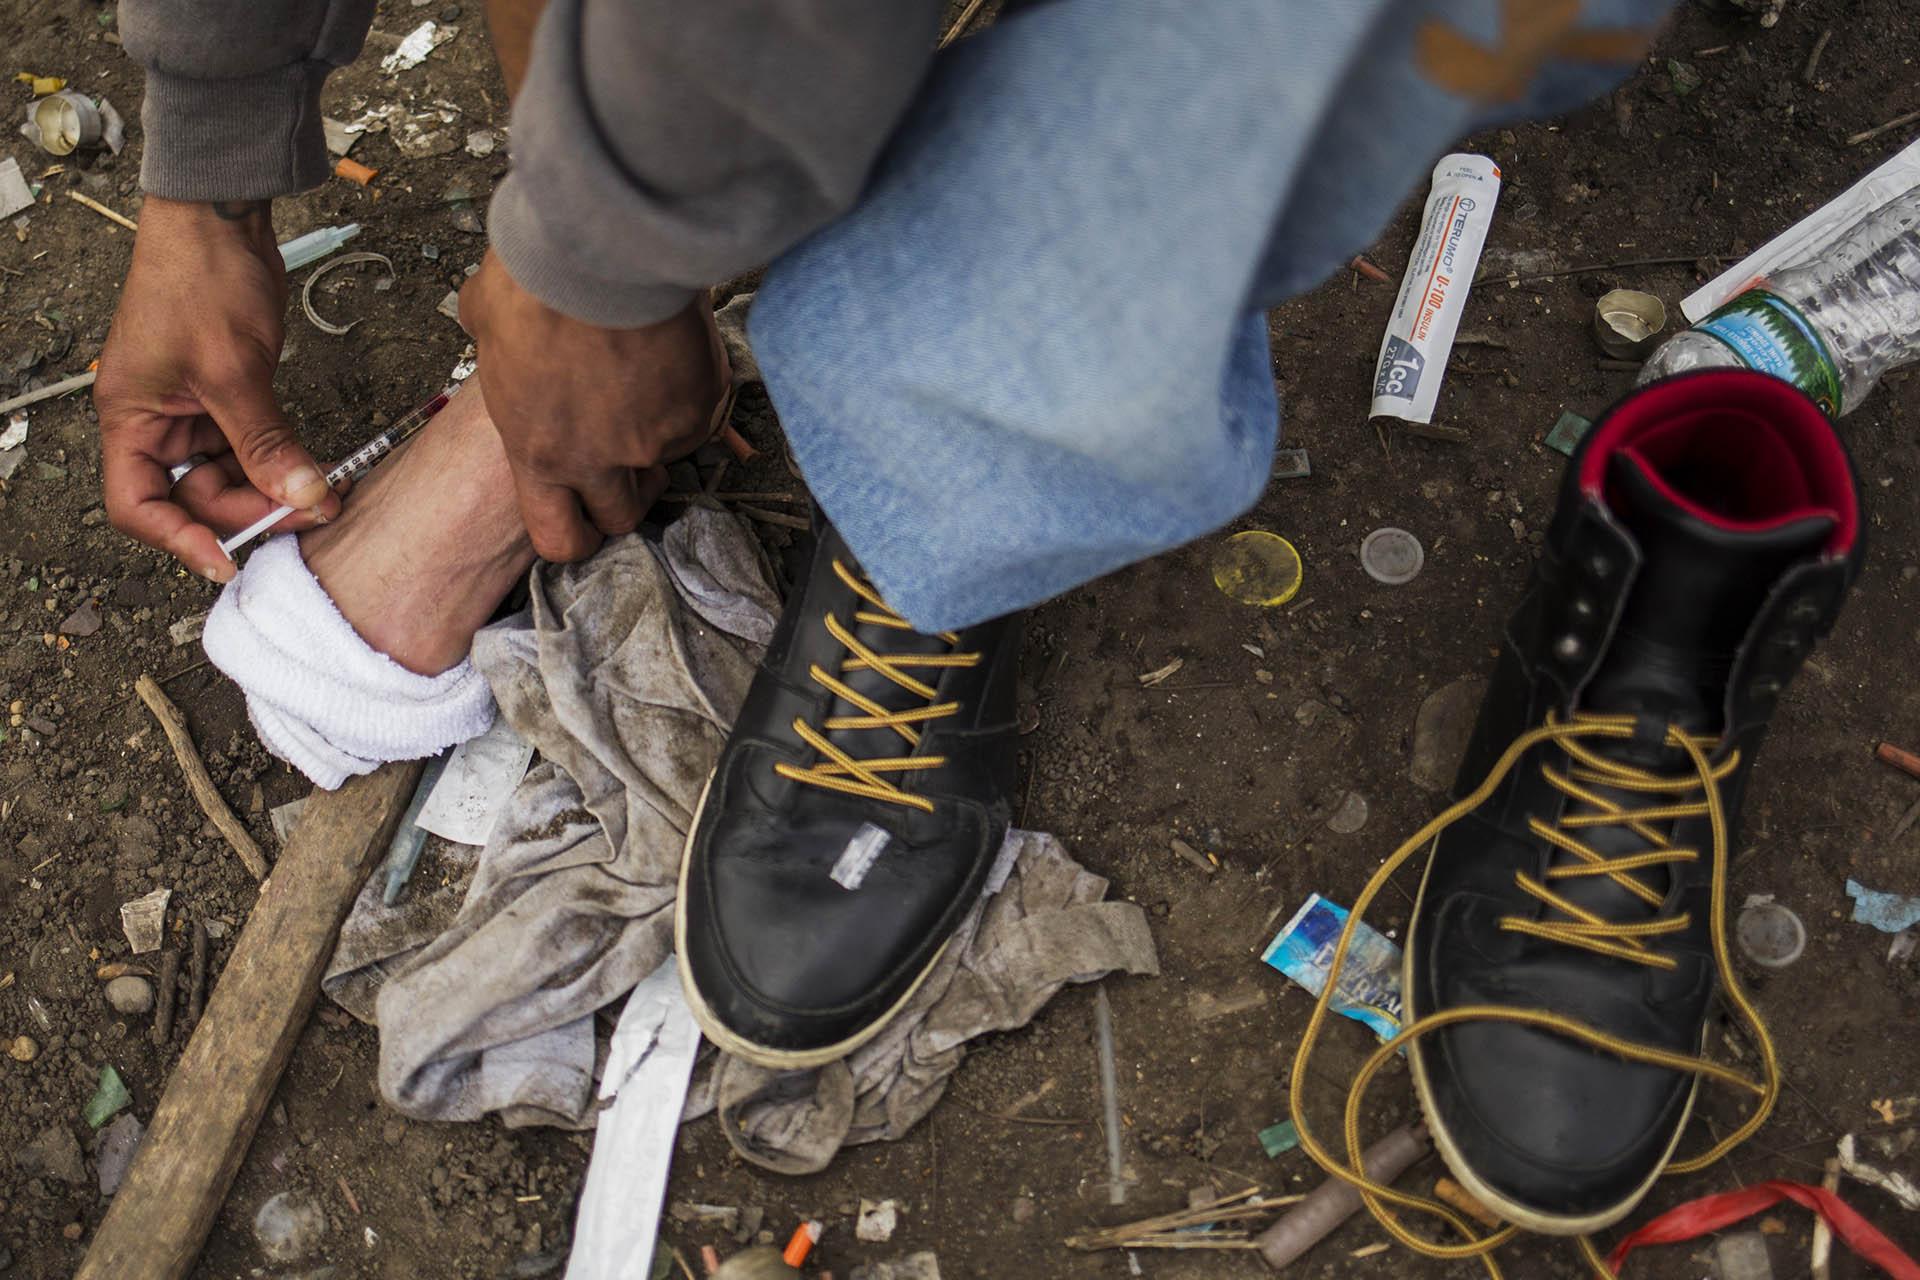 Un hombre se inyecta heroína en el pie (AFP)